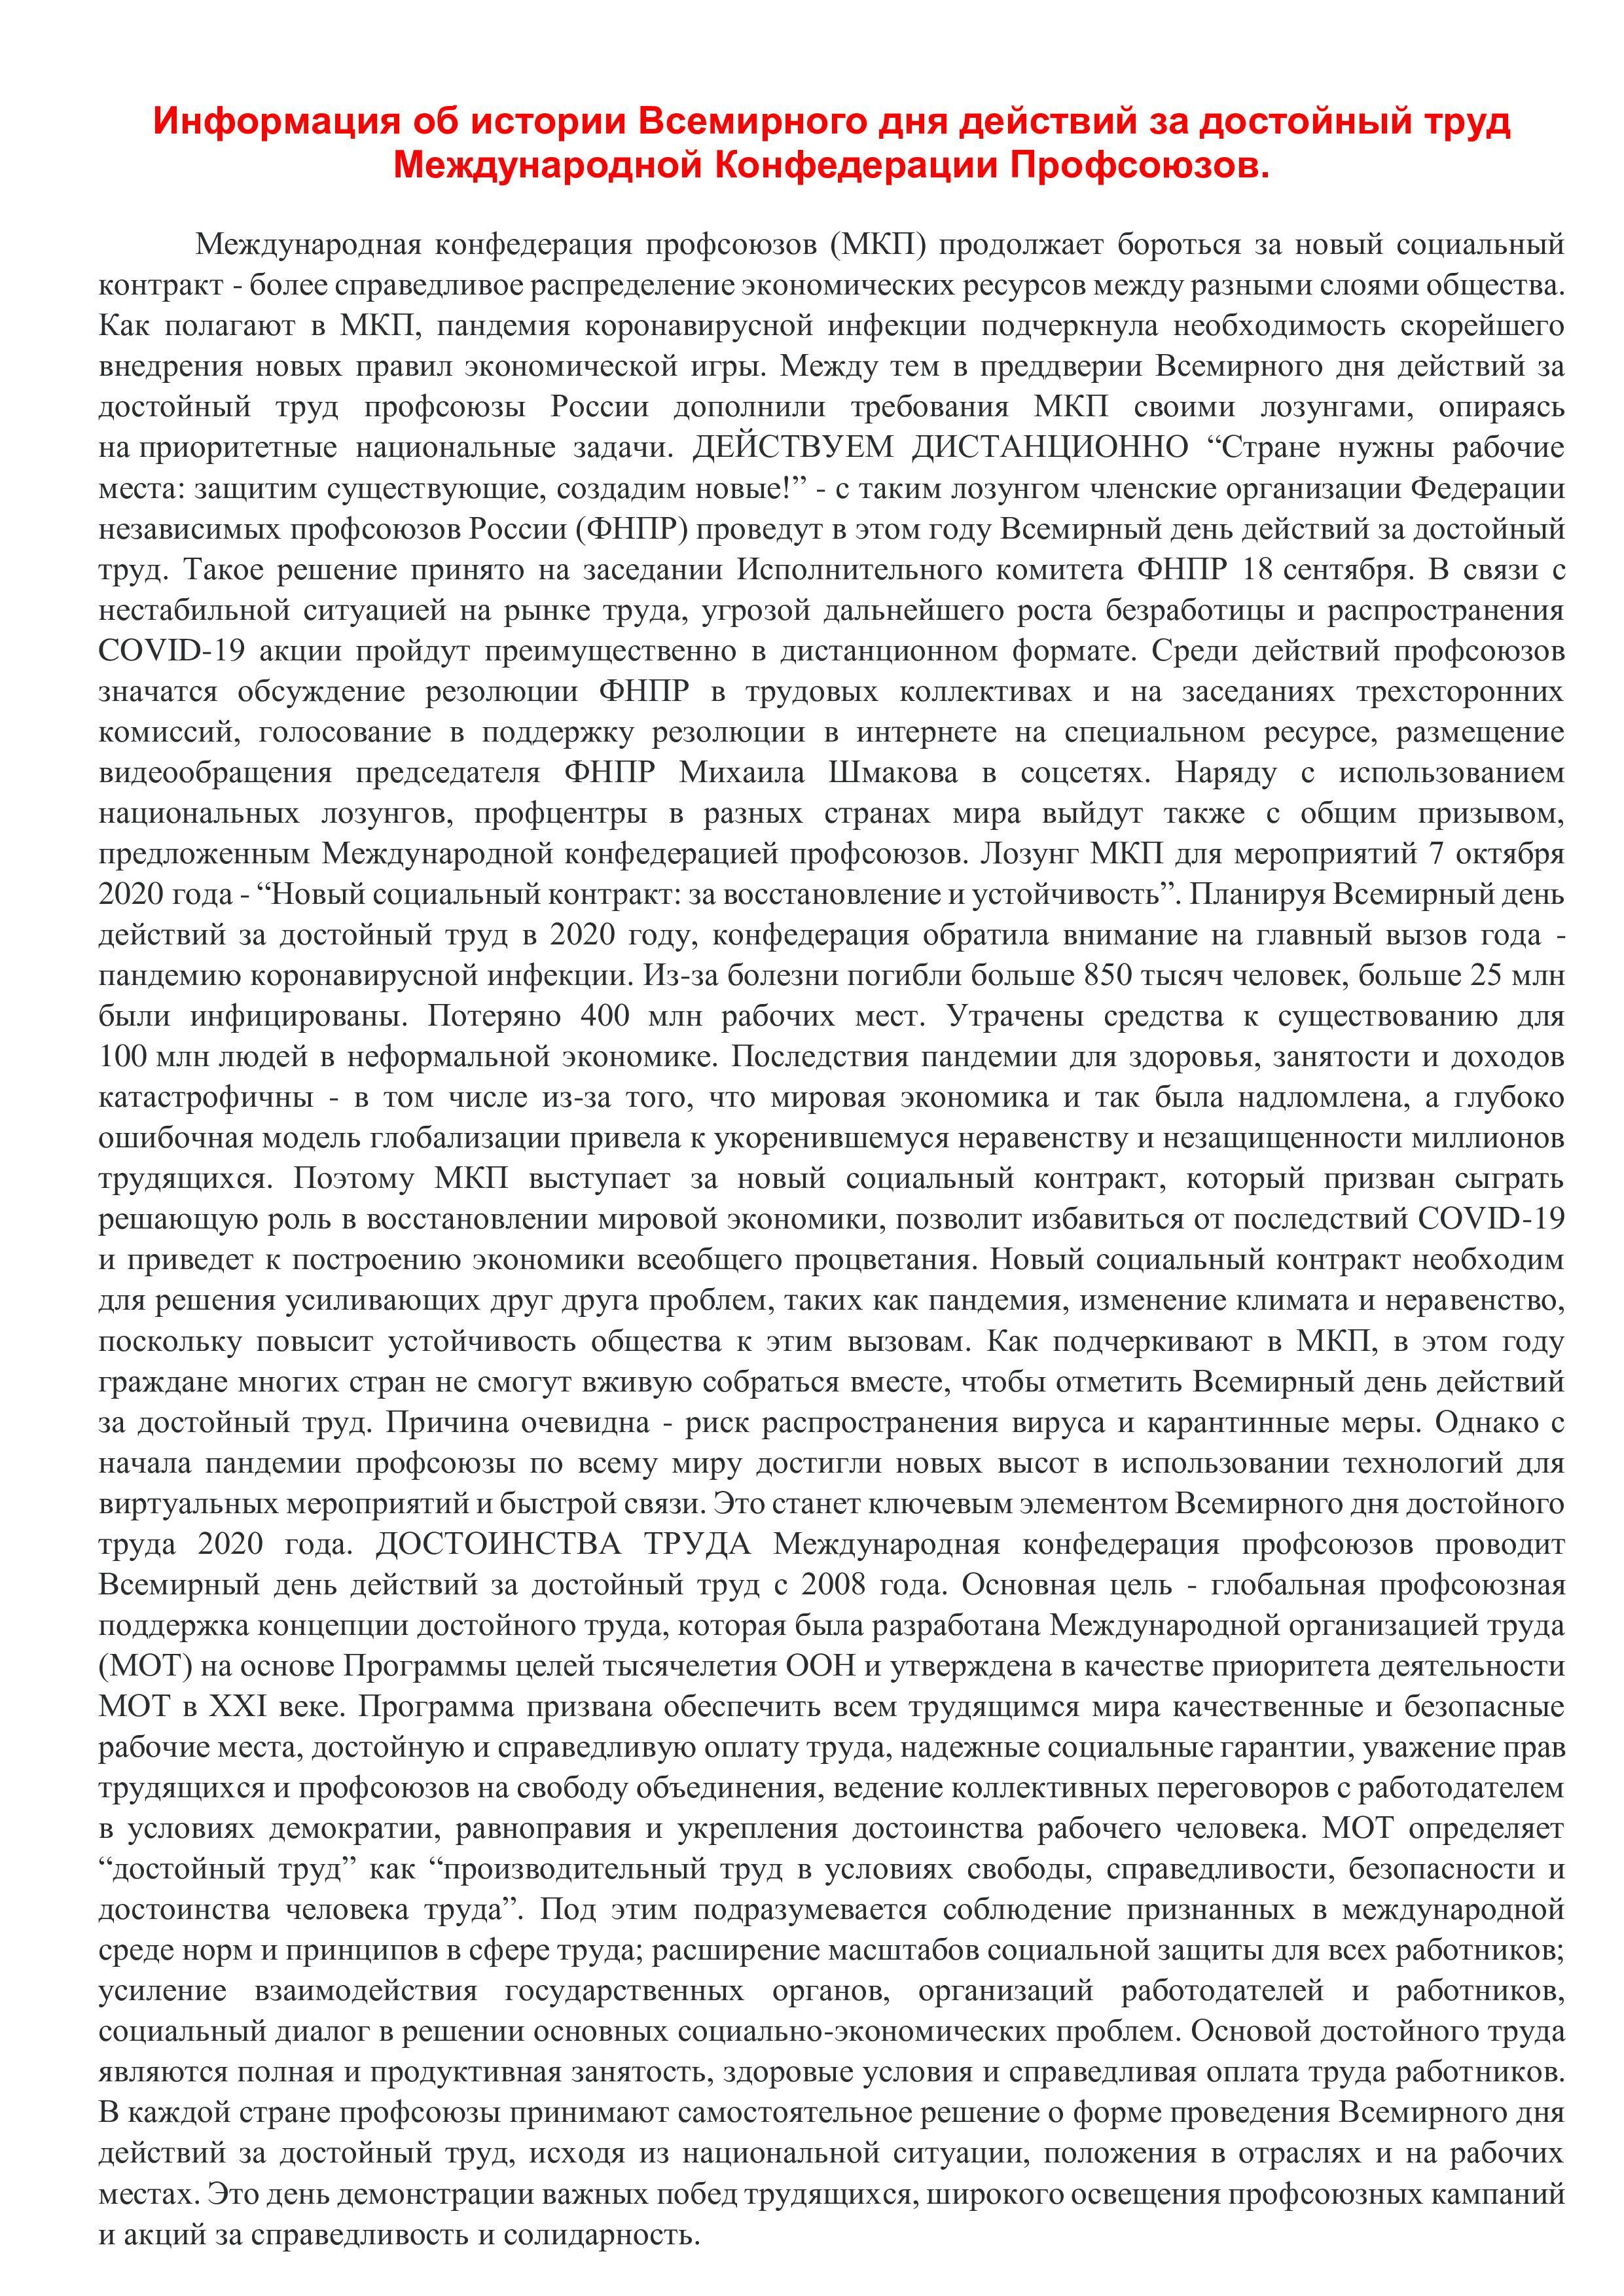 Информация об истории Всемирного дня действий За достойный труд (pdf.io).jpg